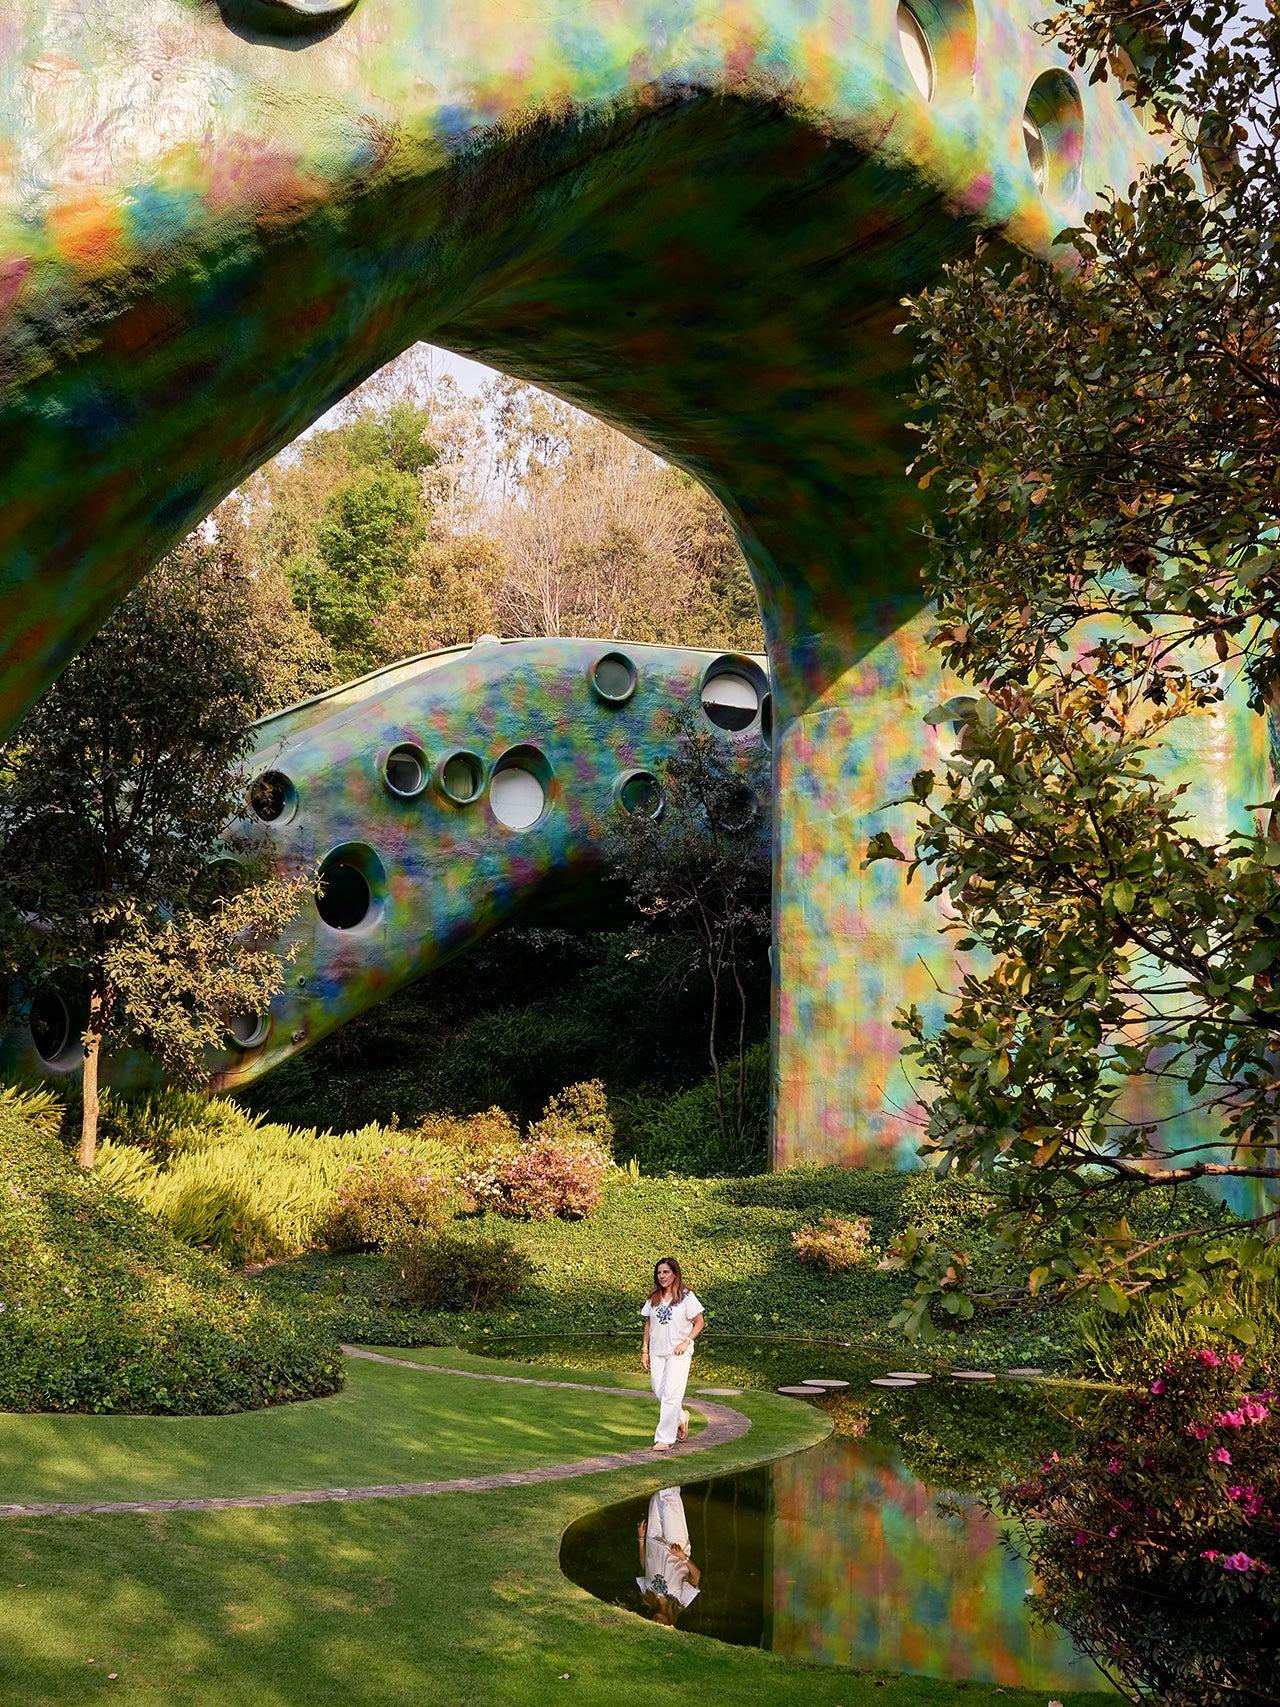 home shaped like a rainbow snake